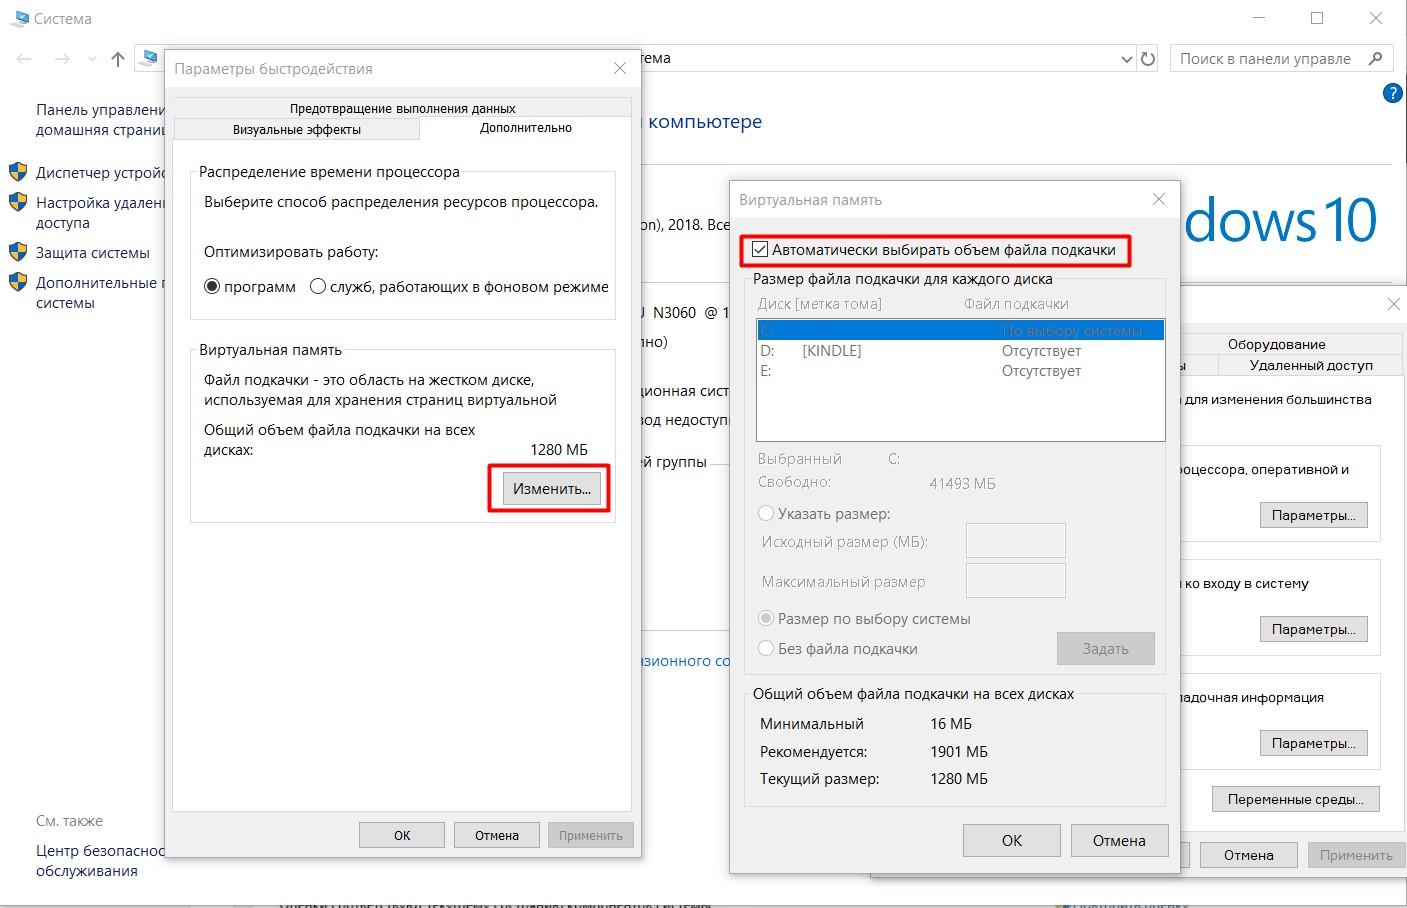 На какой диск ставить файл подкачки? что такое файл подкачки?